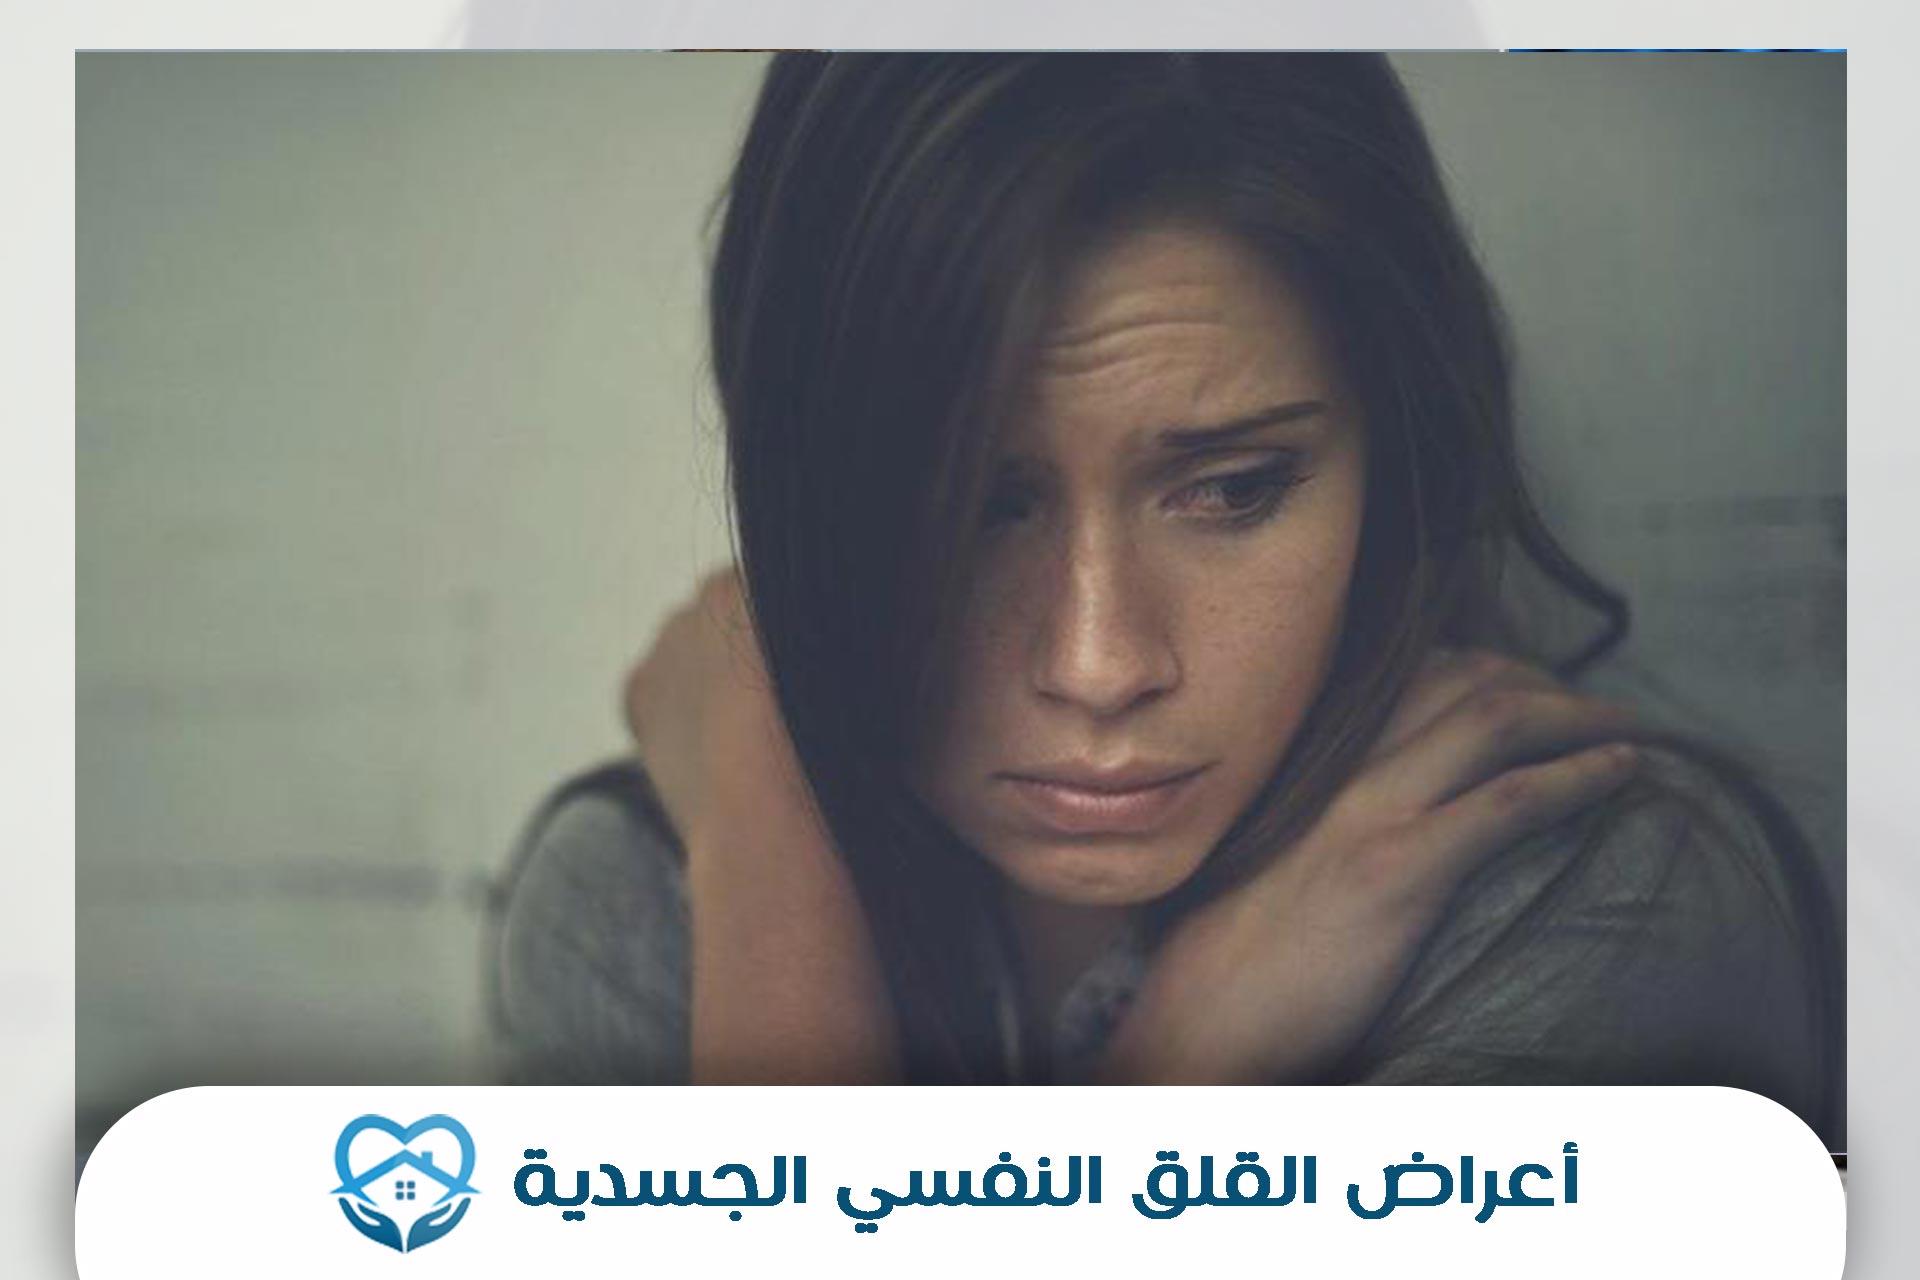 أعراض القلق النفسي الجسدية